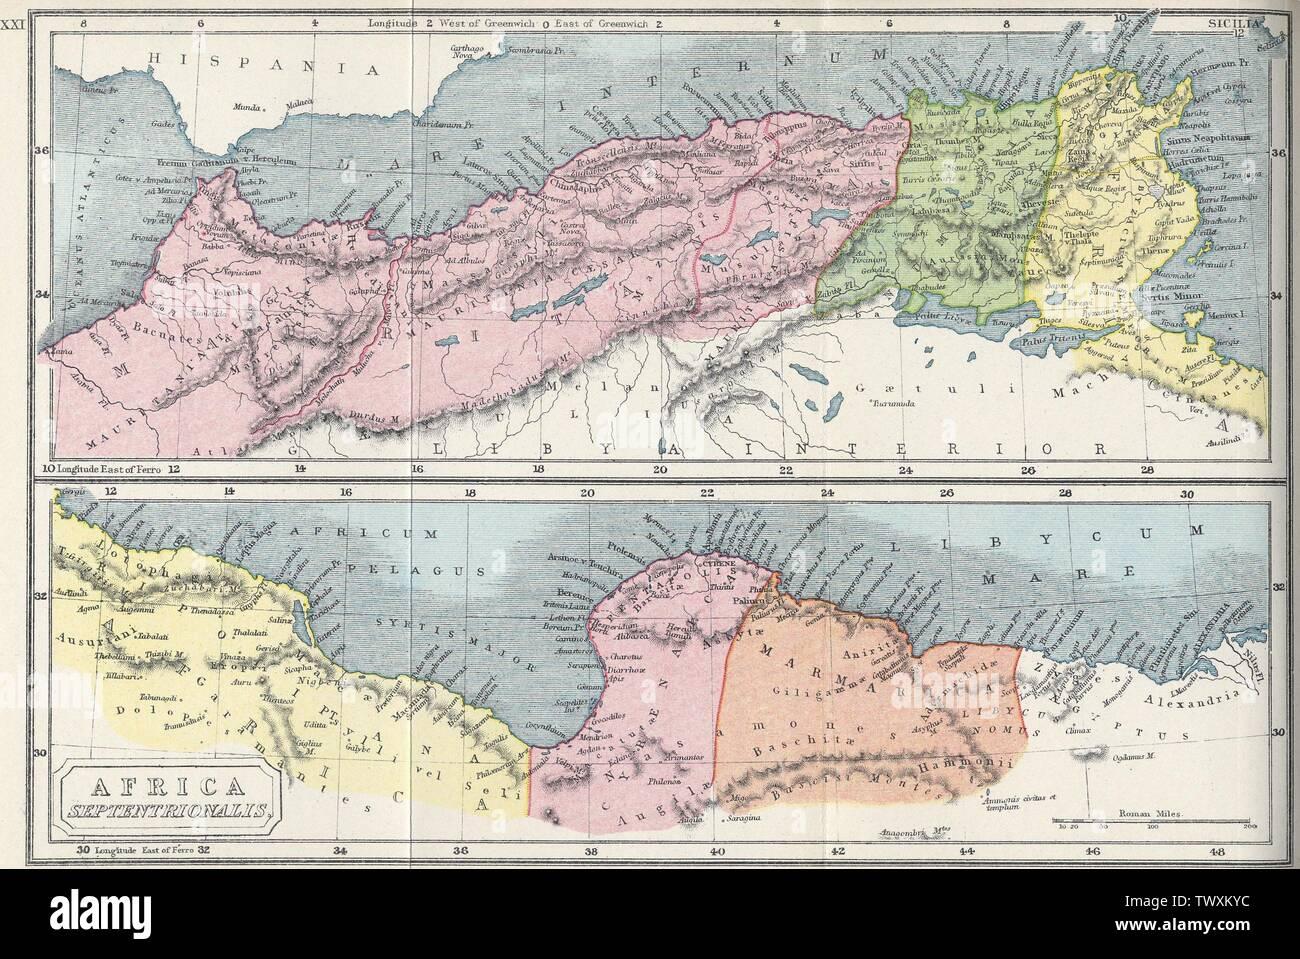 'Deutsch: Nordafrika dans der Antike Anglais: l'Afrique dans l'époque romaine (2e siècle). La carte du haut montre: Mauritanie (rouge), la Numidie (vert), en Afrique (jaune); la dernière carte montre la Tripolitaine (jaune), la Cyrénaïque / la Pentapole (rouge) et de Marmarica (orange).; 1907; http://www.gutenberg.org/files/17124/17124-h/17124-h.htm; Samuel Butler (1774-1839) Noms alternatifs Samuel Butler (maître) Description La prêtre, érudit et écrivain classique Date de naissance/Décès 30 Janvier 1774 4 décembre 1839 Lieu de naissance/décès Kenilworth Autorité Shrewsbury contr Photo Stock